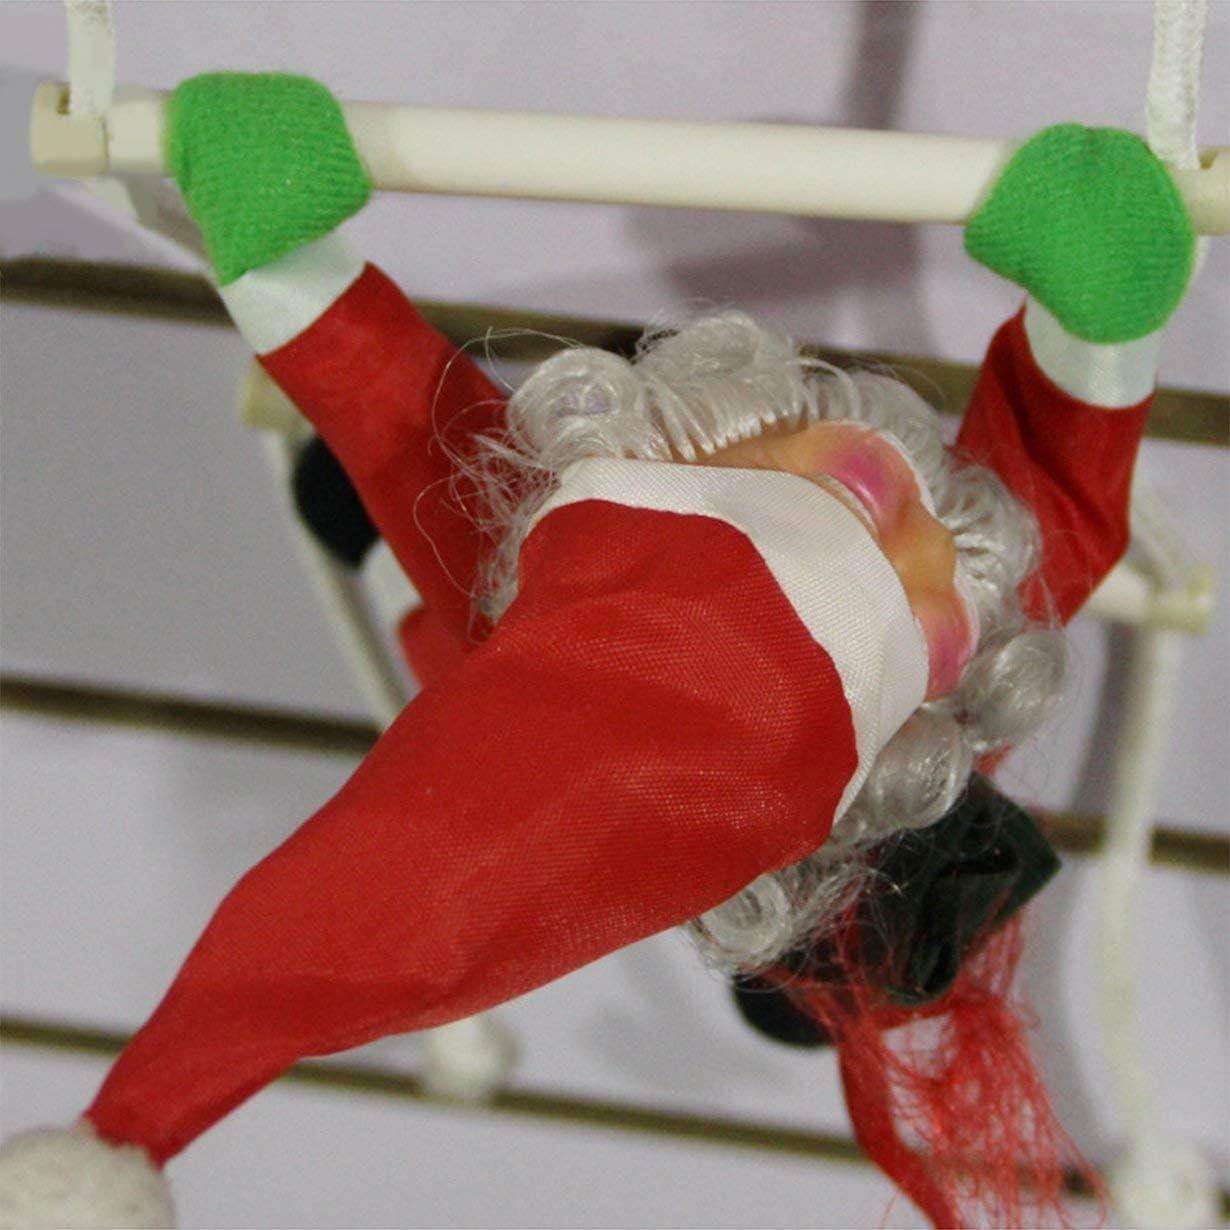 Unitedheart Decoración navideña, Santa Claus Escaleras para trepar Decoración de árboles de Navidad Adorno de año Nuevo Papá Noel Donaciones para Regalos Colgantes de Gran tamaño con Escalera: Amazon.es: Hogar